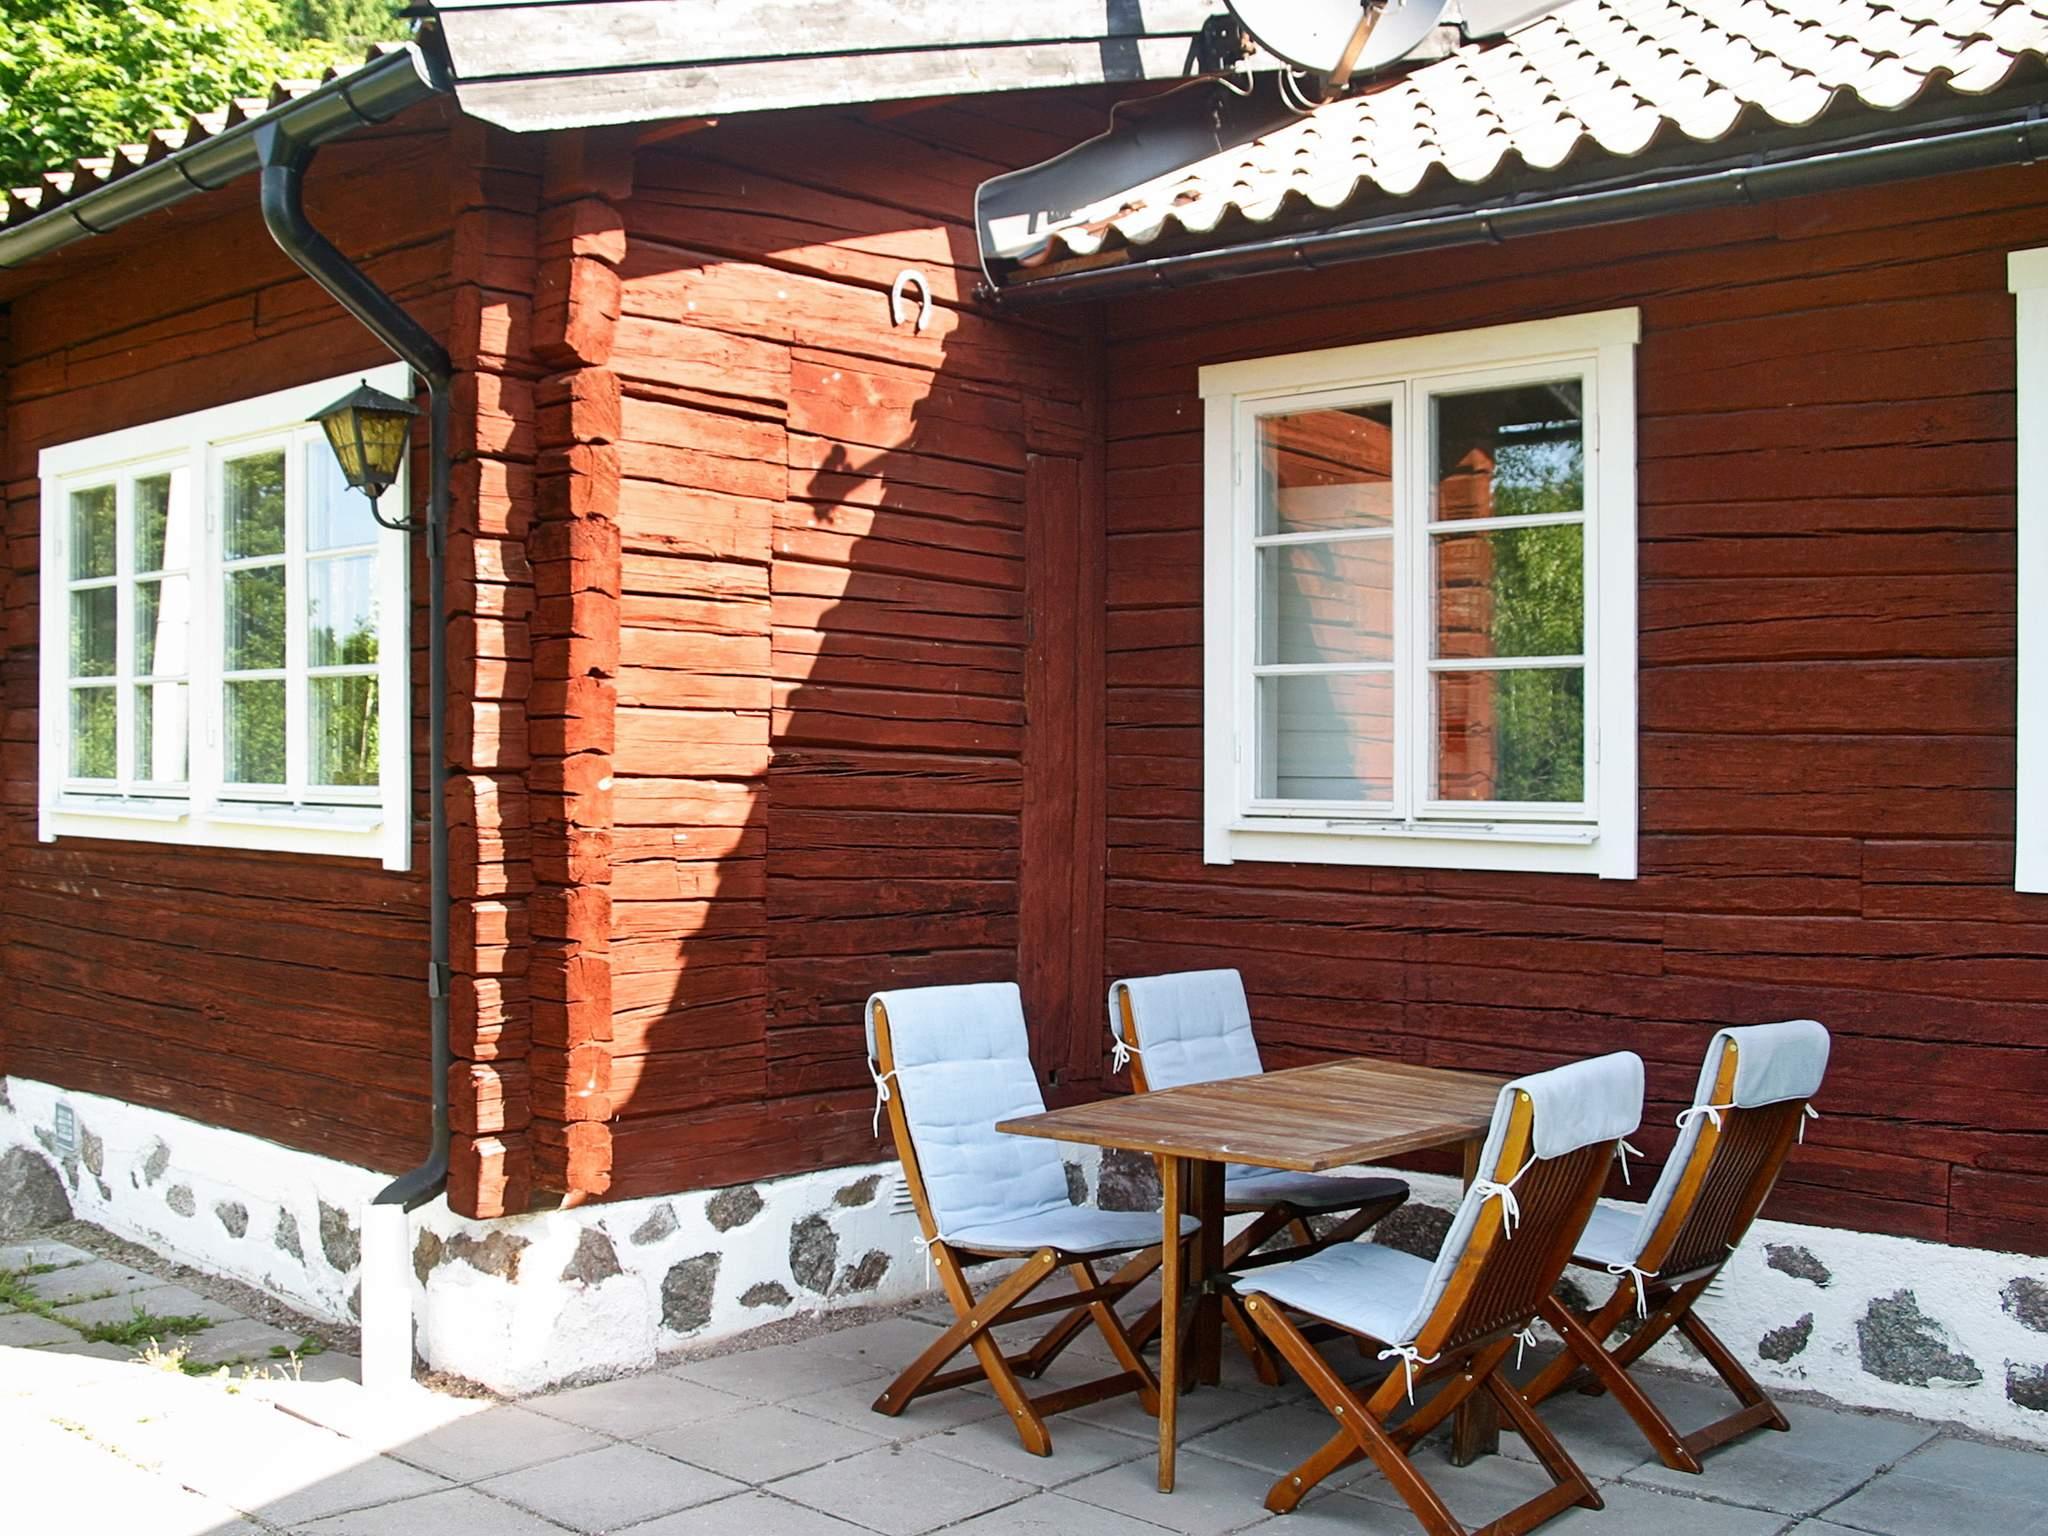 Ferienhaus Köping (953852), Köping, Västmanlands län, Mittelschweden, Schweden, Bild 17